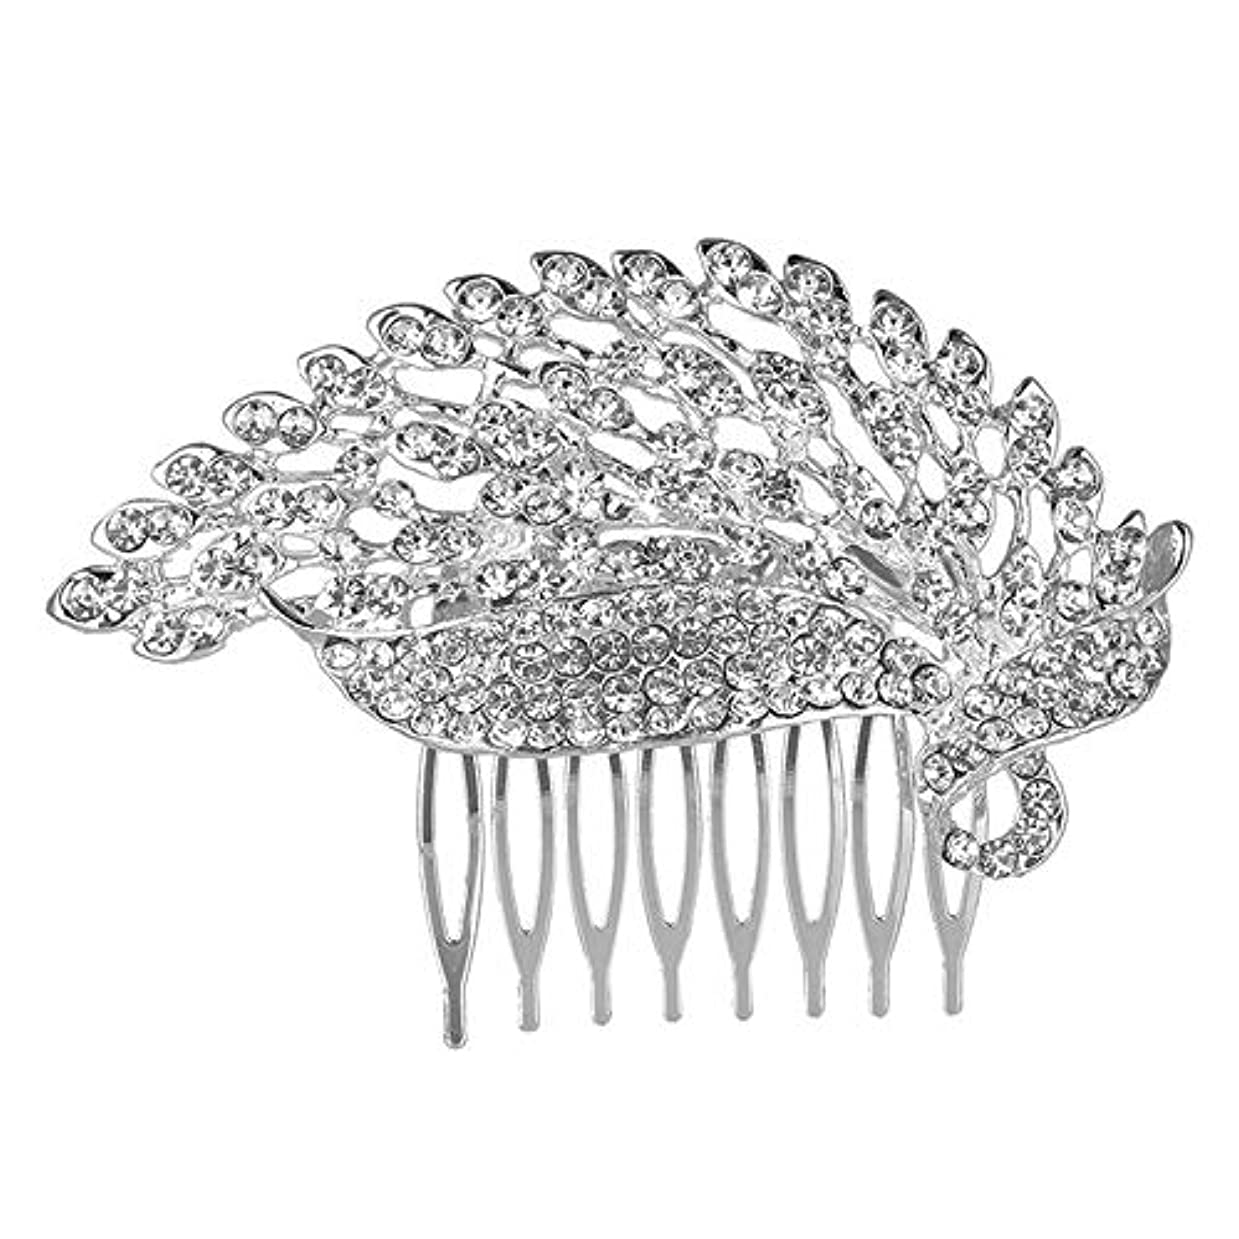 砲兵局ドラフト髪の櫛の櫛の櫛の花嫁の櫛の櫛の櫛の花嫁の頭飾りの結婚式のアクセサリー合金